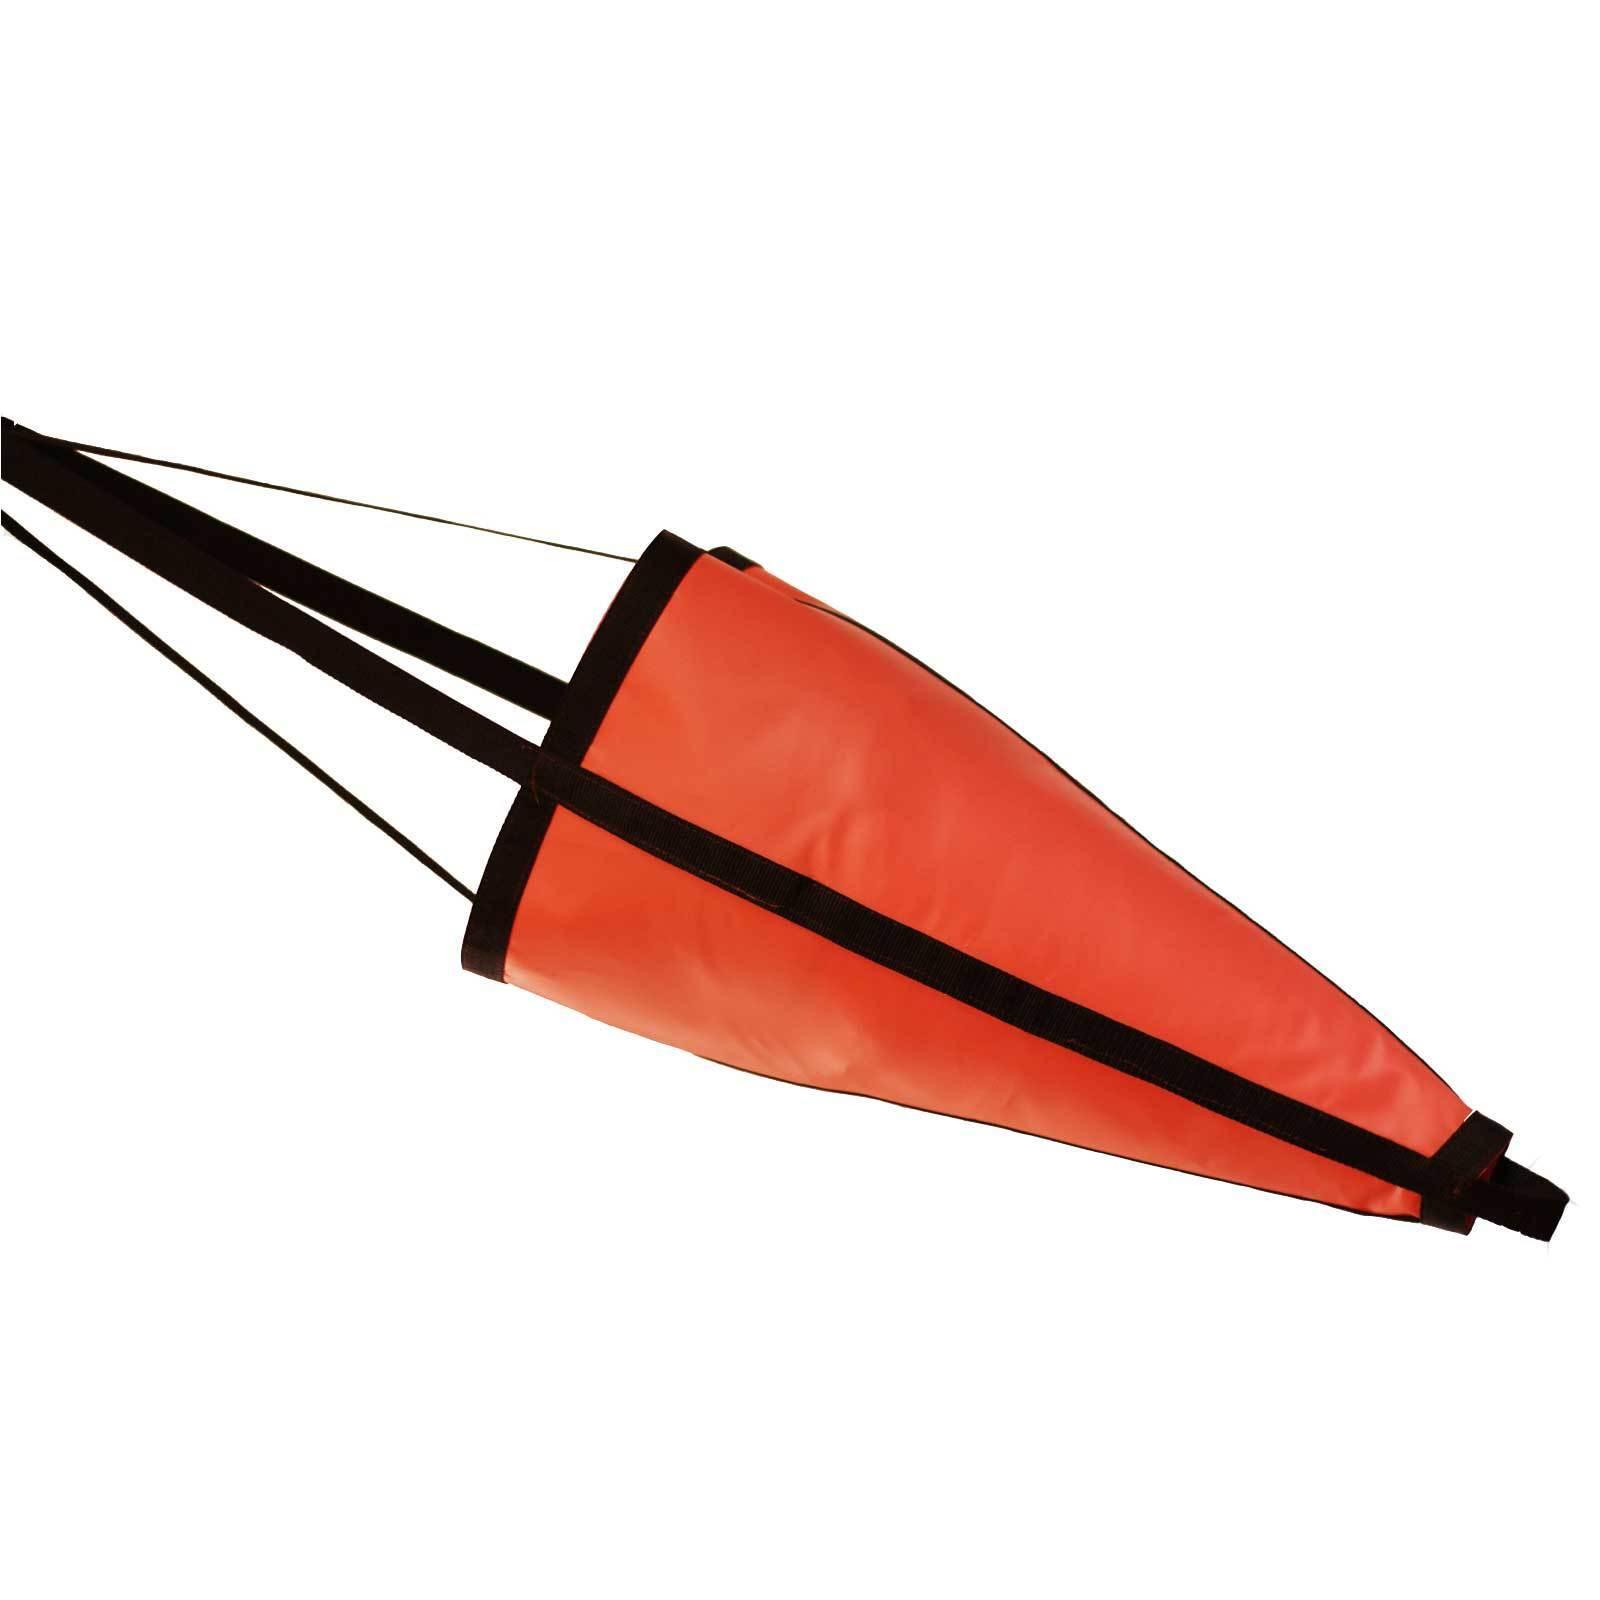 Sea Anchor Drogue 1500X2200 (orange) upto 9metre boat